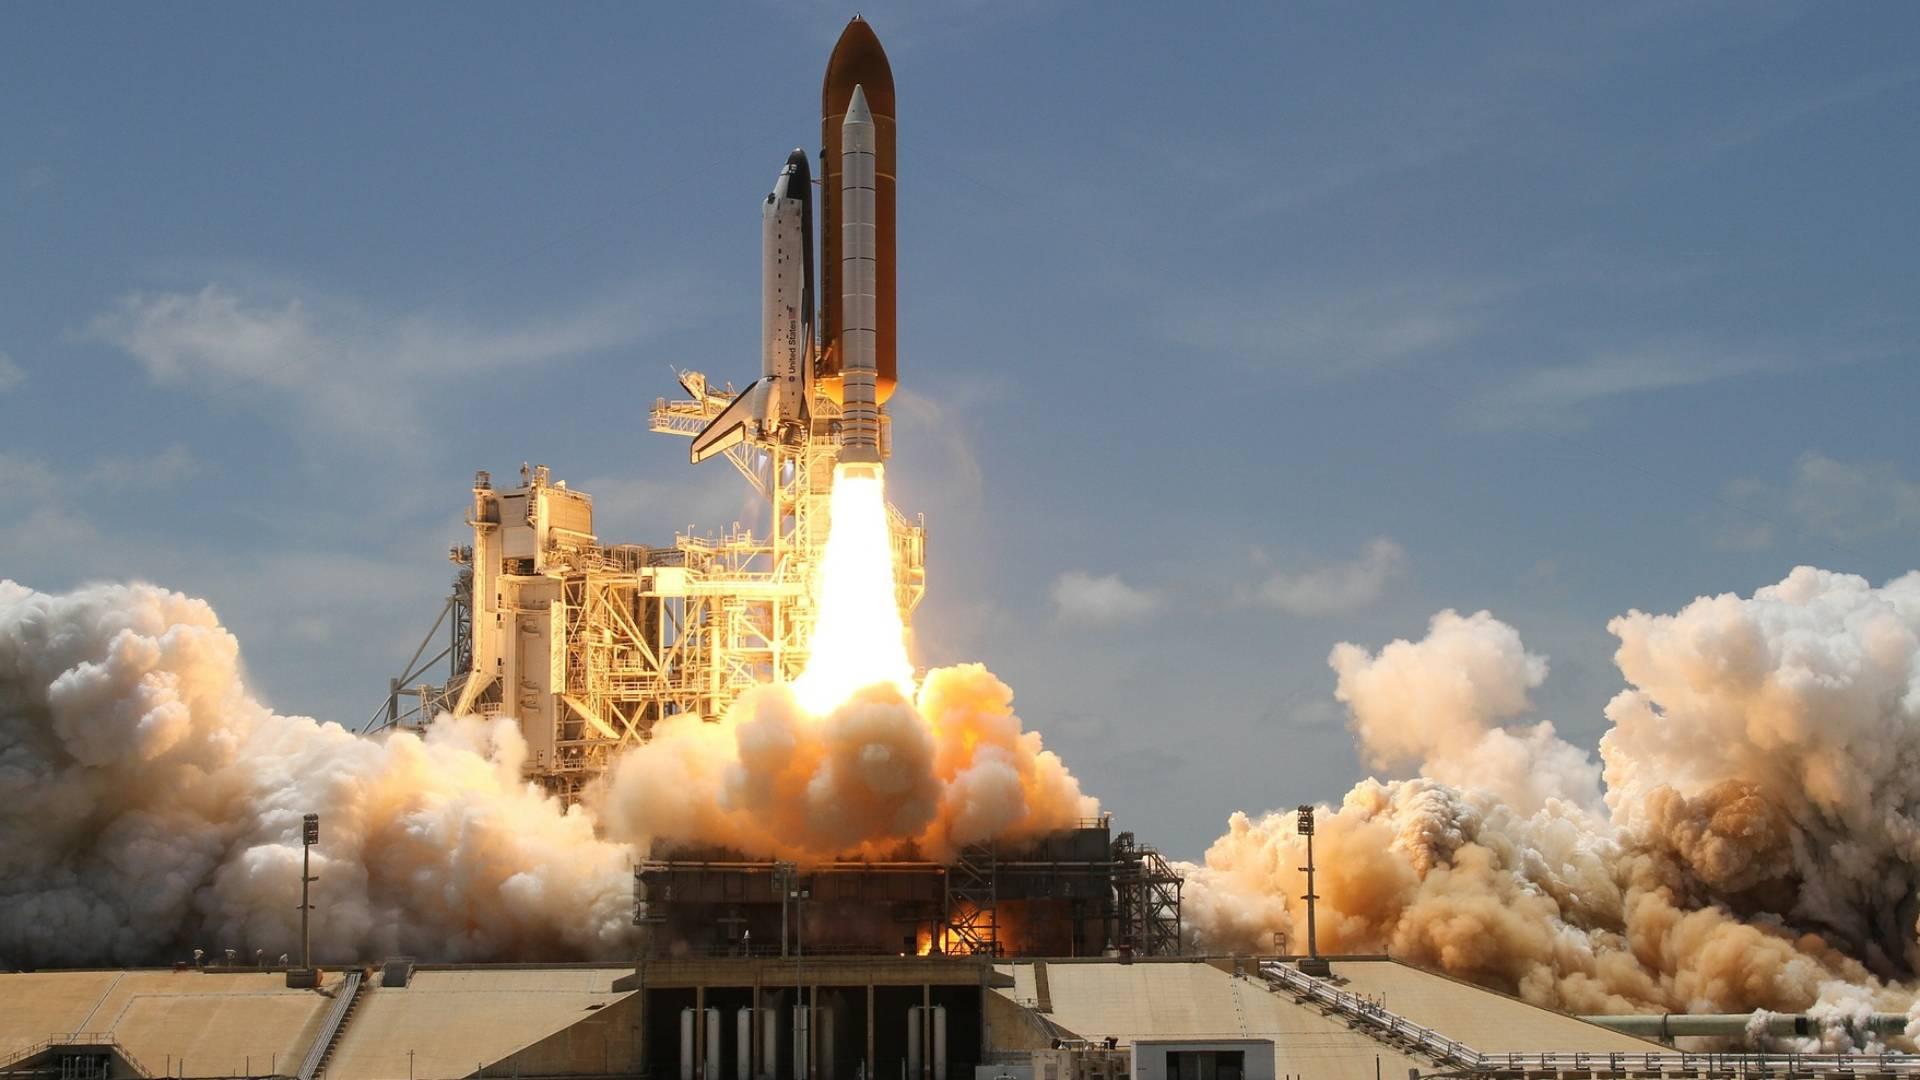 Test der SLS-Triebwerke an der leistungsstärksten Trägerrakete der Welt